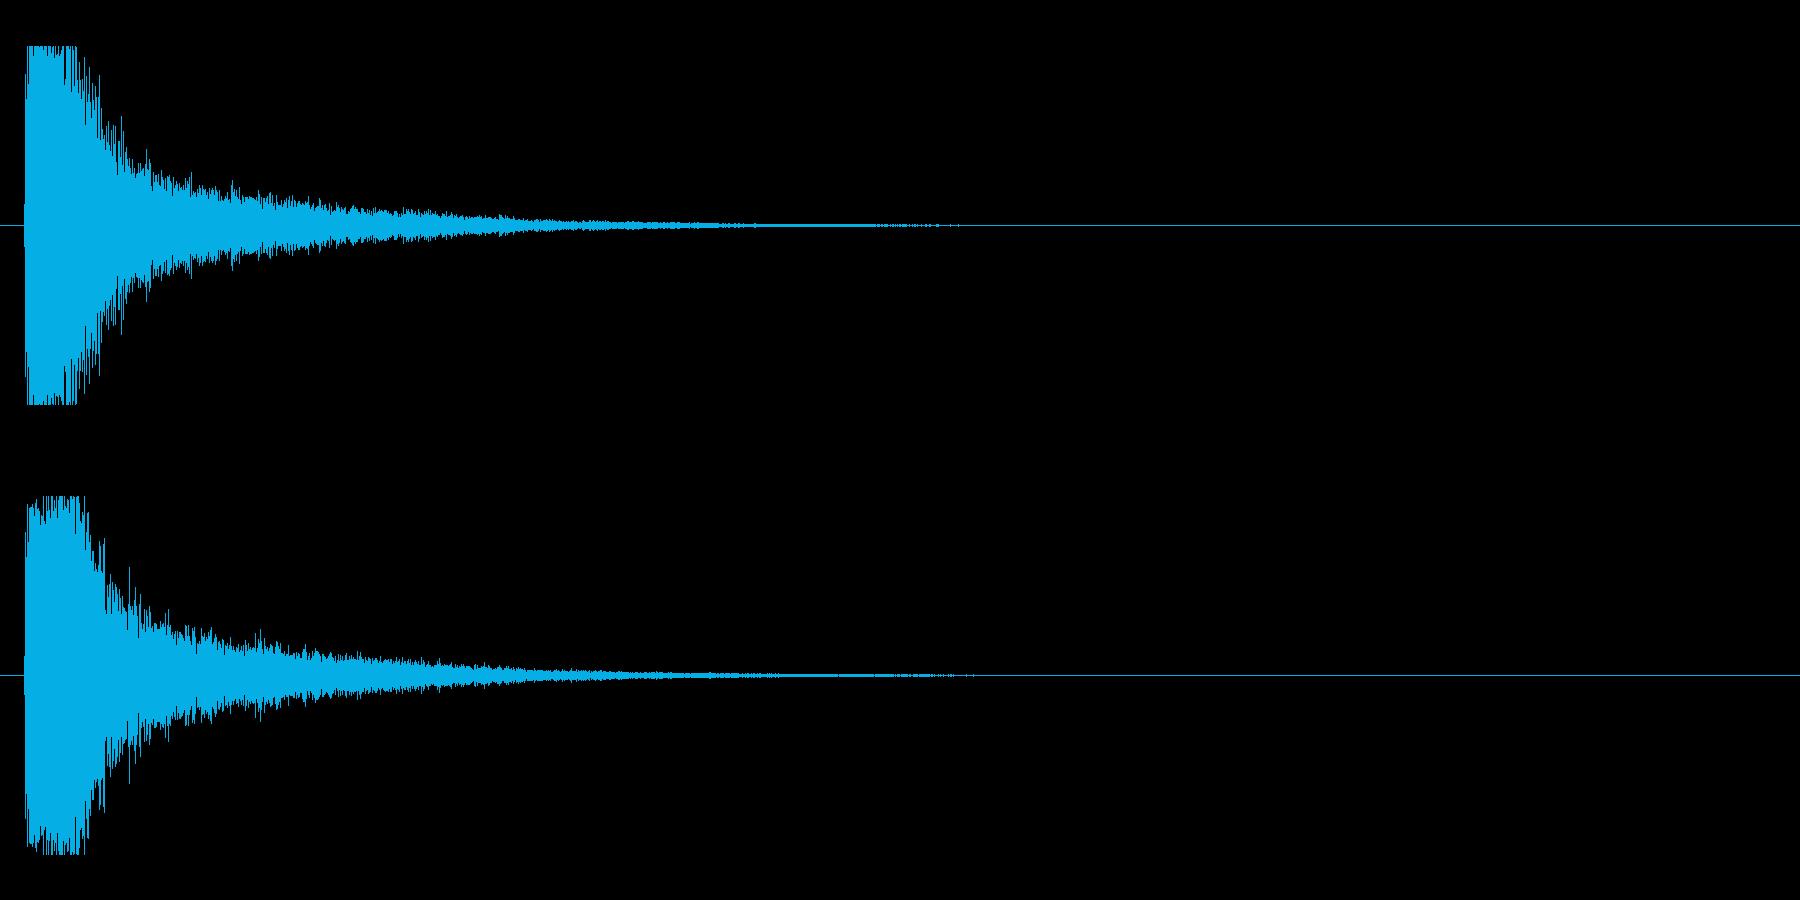 レーザー音-11-1の再生済みの波形